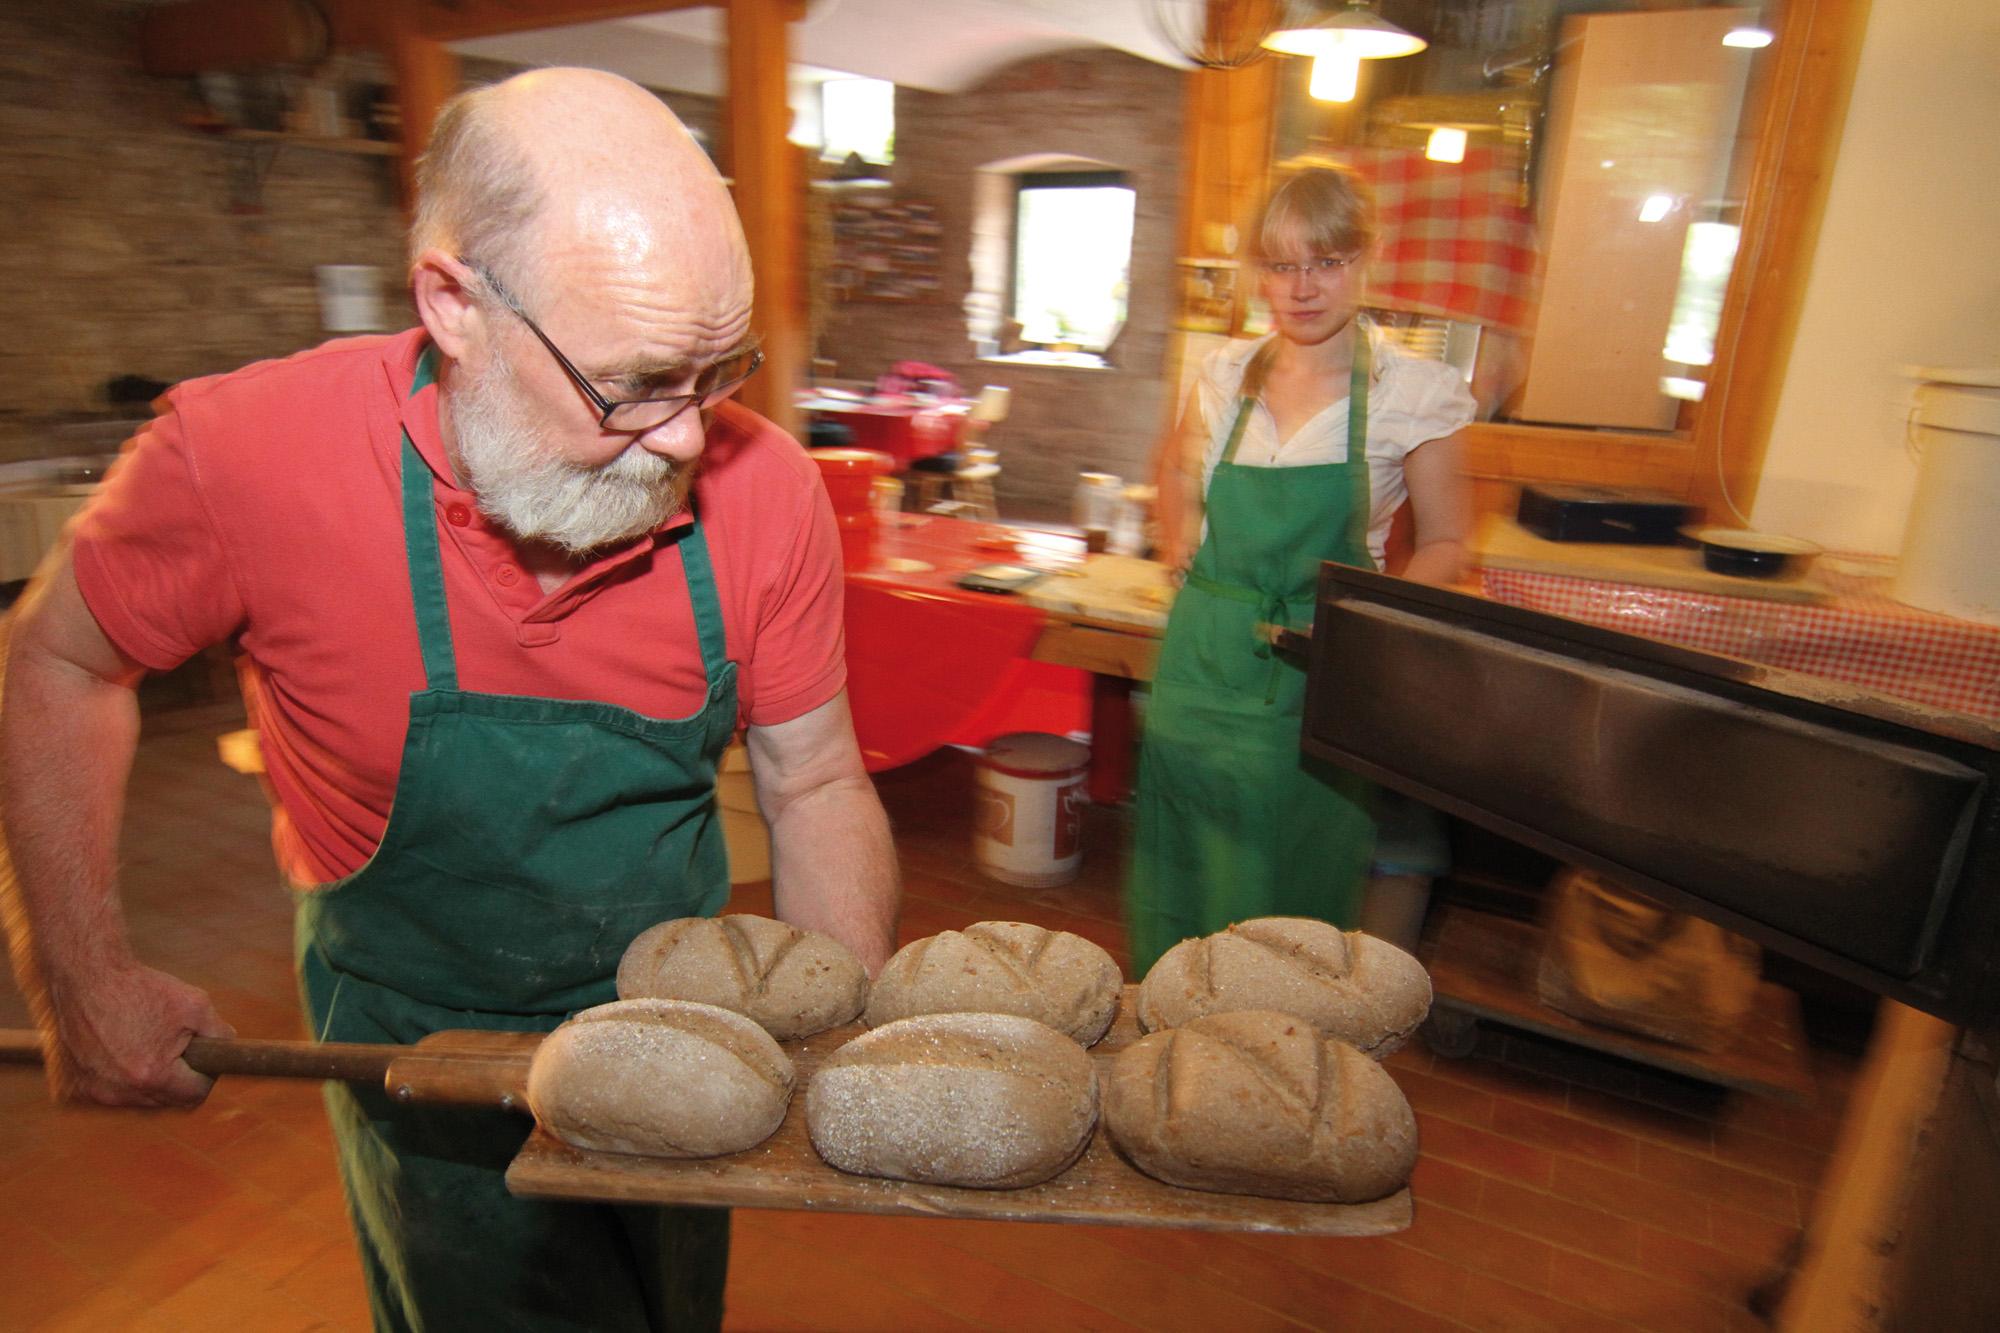 Frisches Brot backen im Hofladen Nr. 5 Kleinromstedt, Weimarer Land | Foto: Uwe Germar